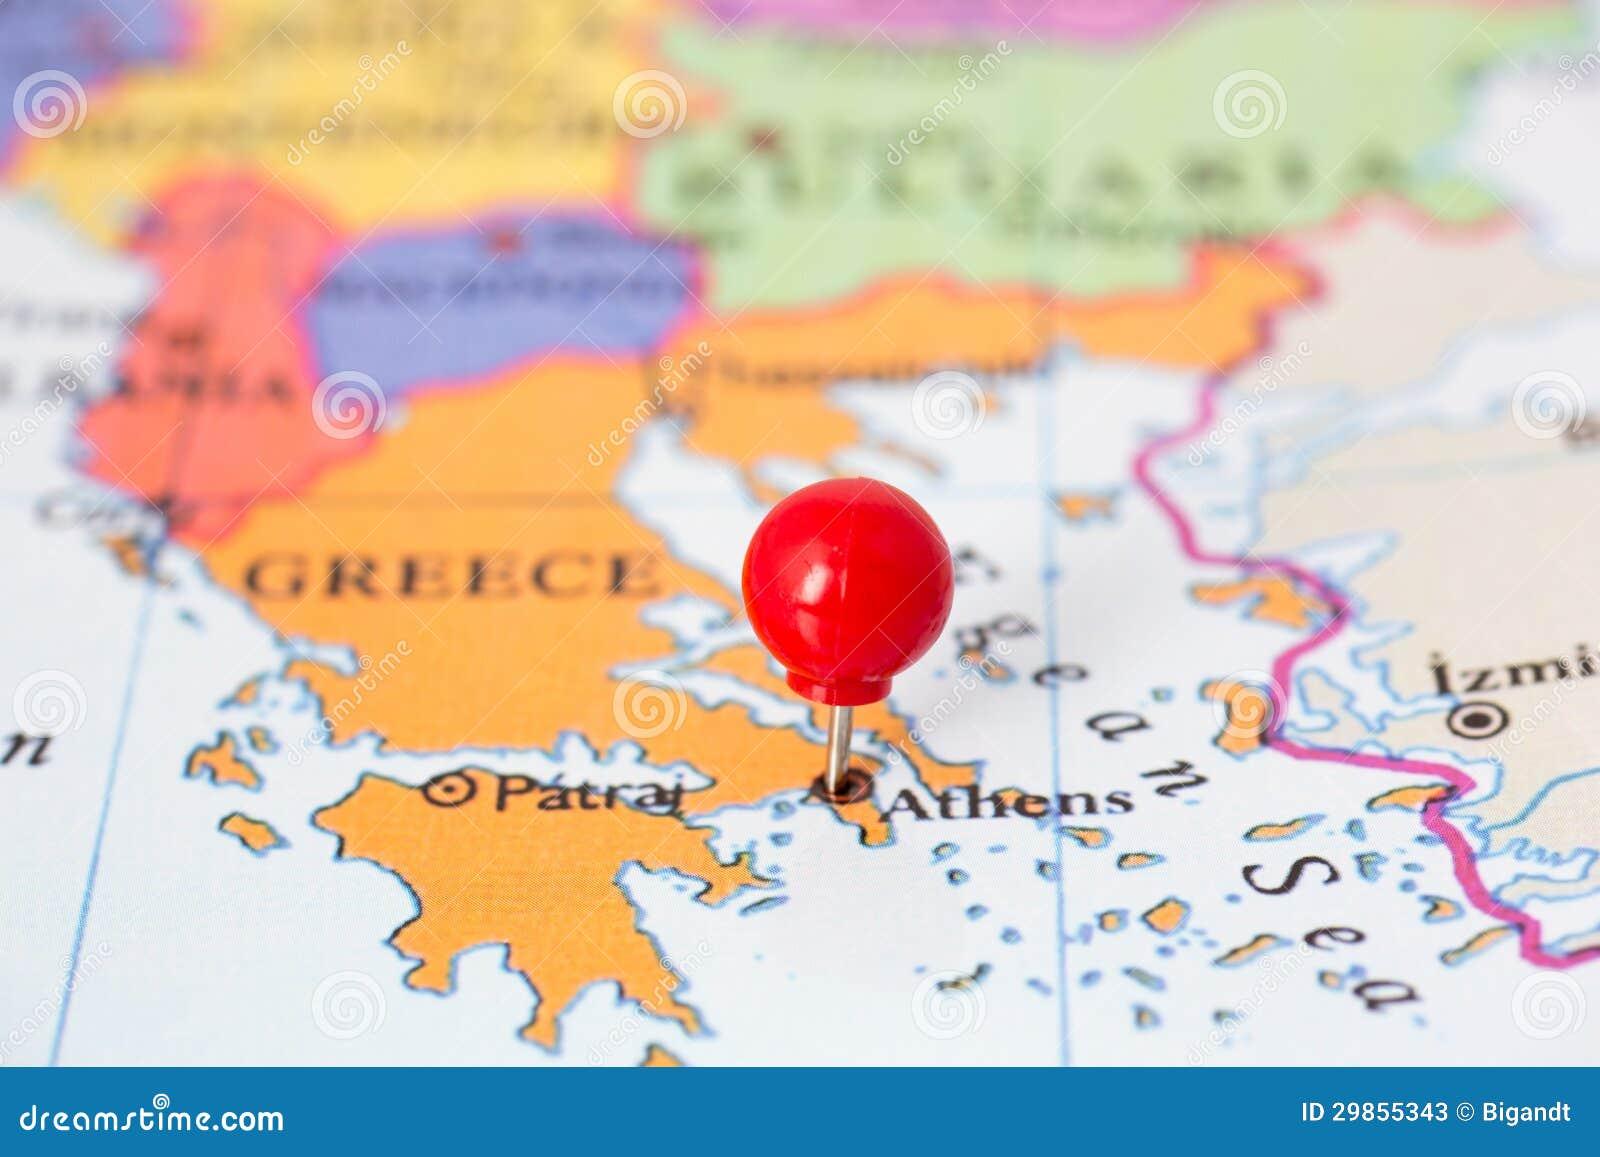 Pasador Ubicación Mapa Gráficos Vectoriales Gratis En: Pasador Rojo En El Mapa De Grecia